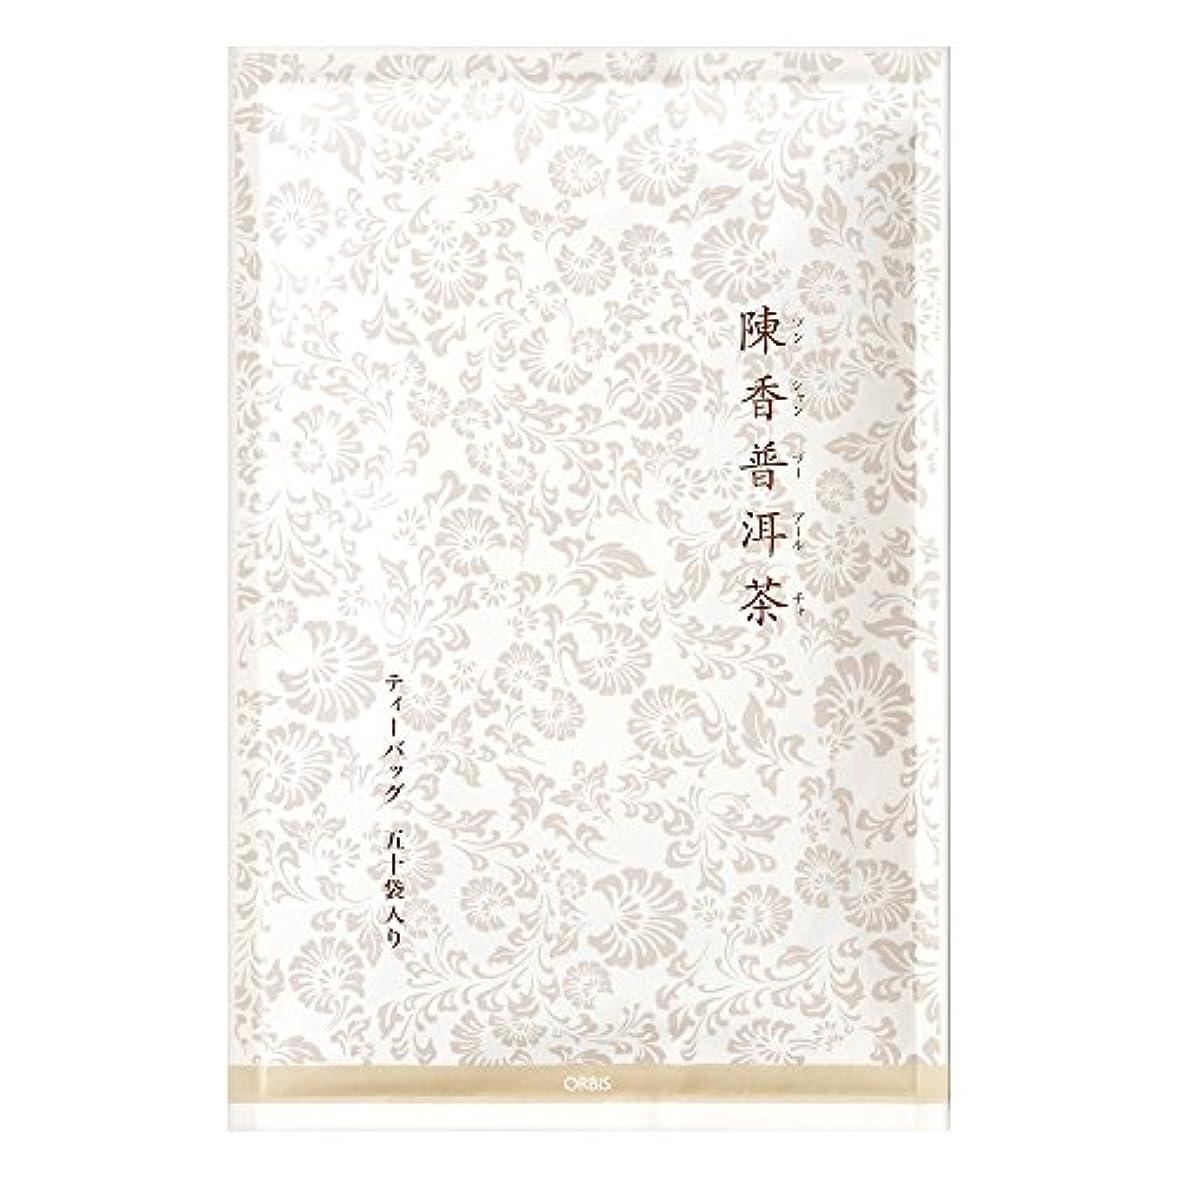 前にコンテストコンテストオルビス(ORBIS) 陳香プーアール茶 ティーバッグ 徳用 2g×50袋 ◎ダイエット茶◎ 0kcal